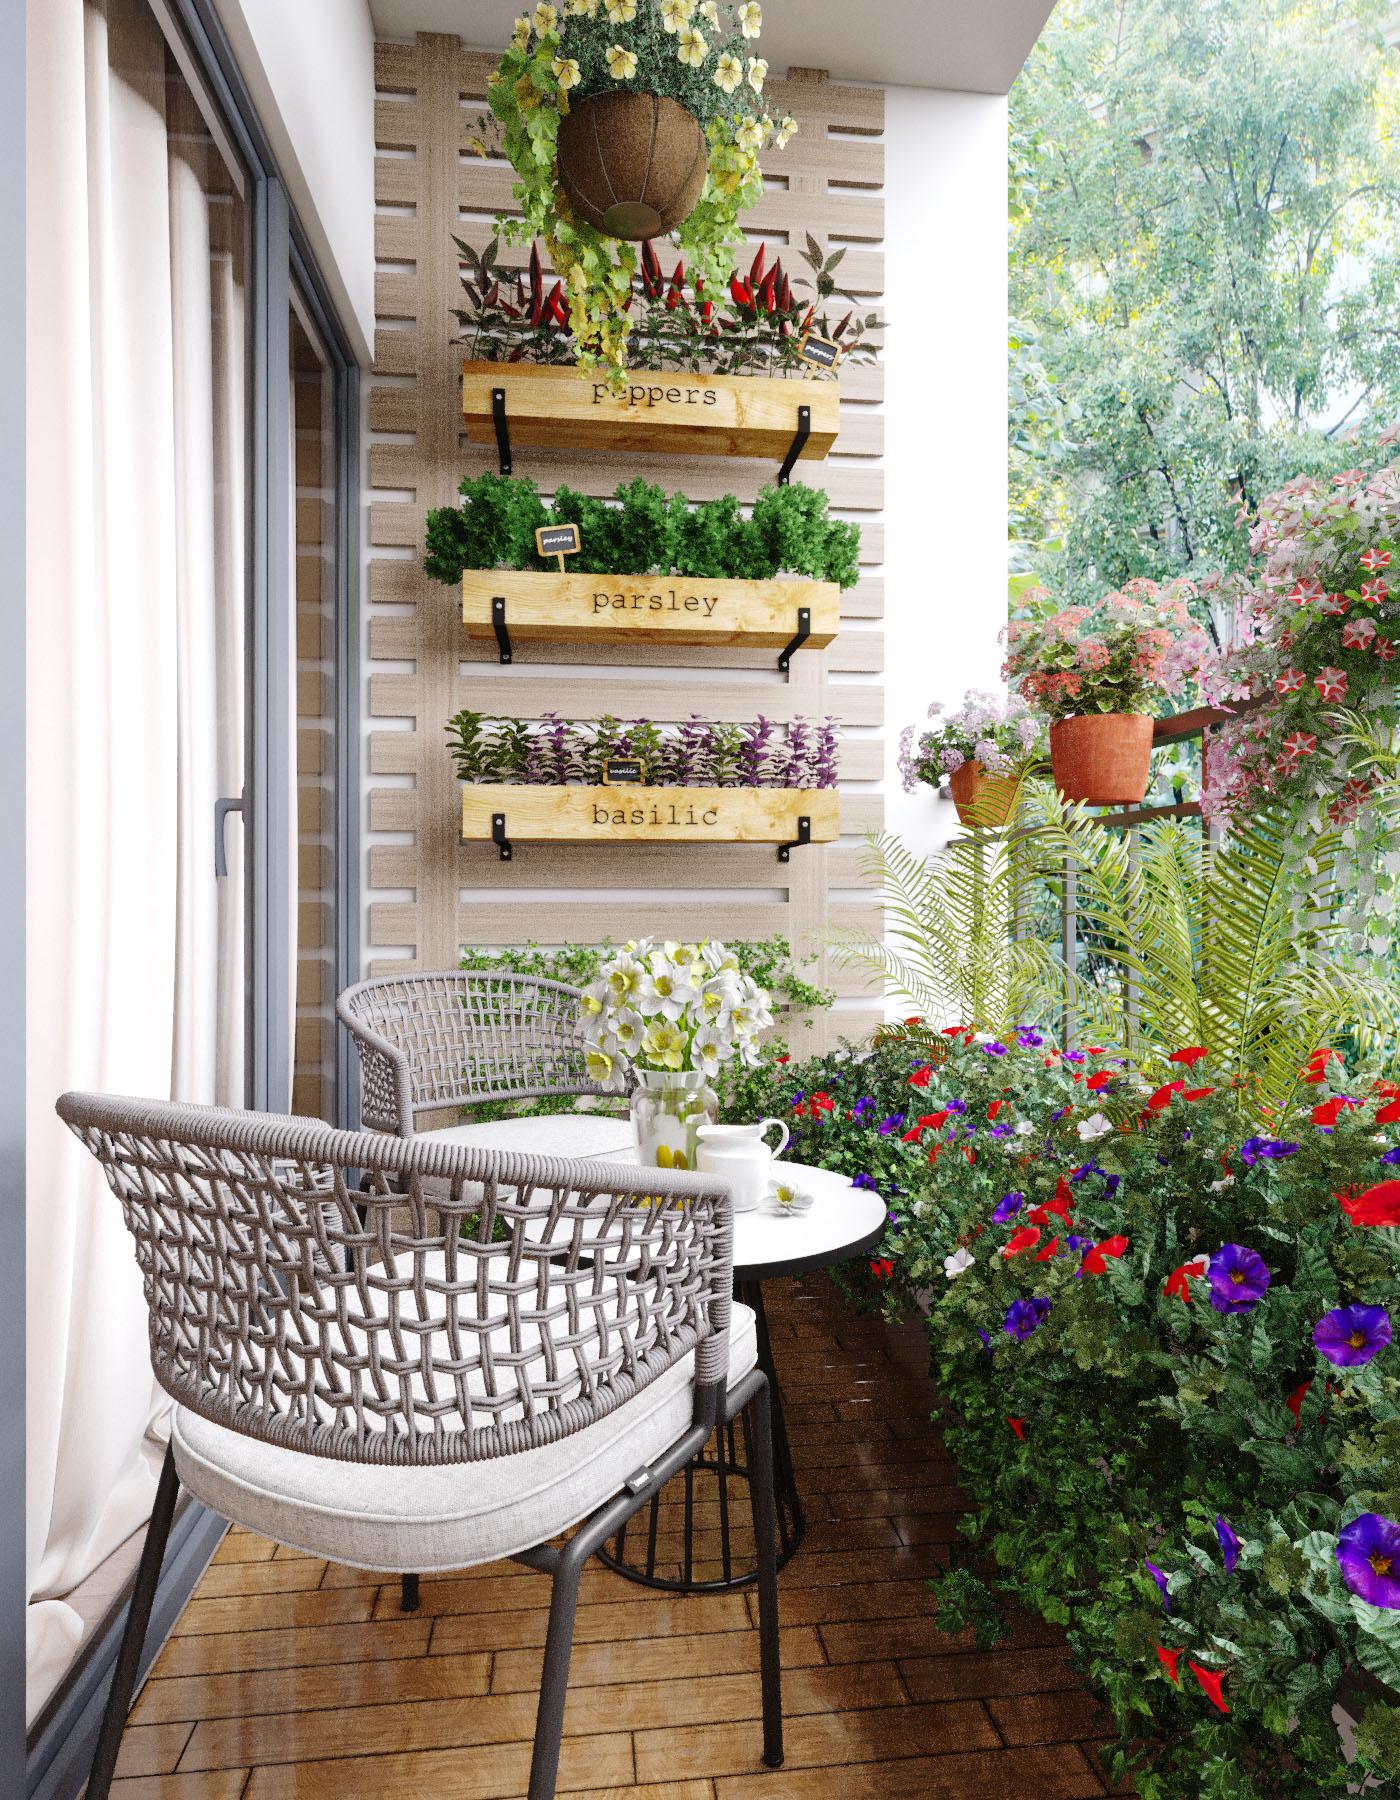 thiết kế căn hộ chung cư cao cấp có ban công xanh